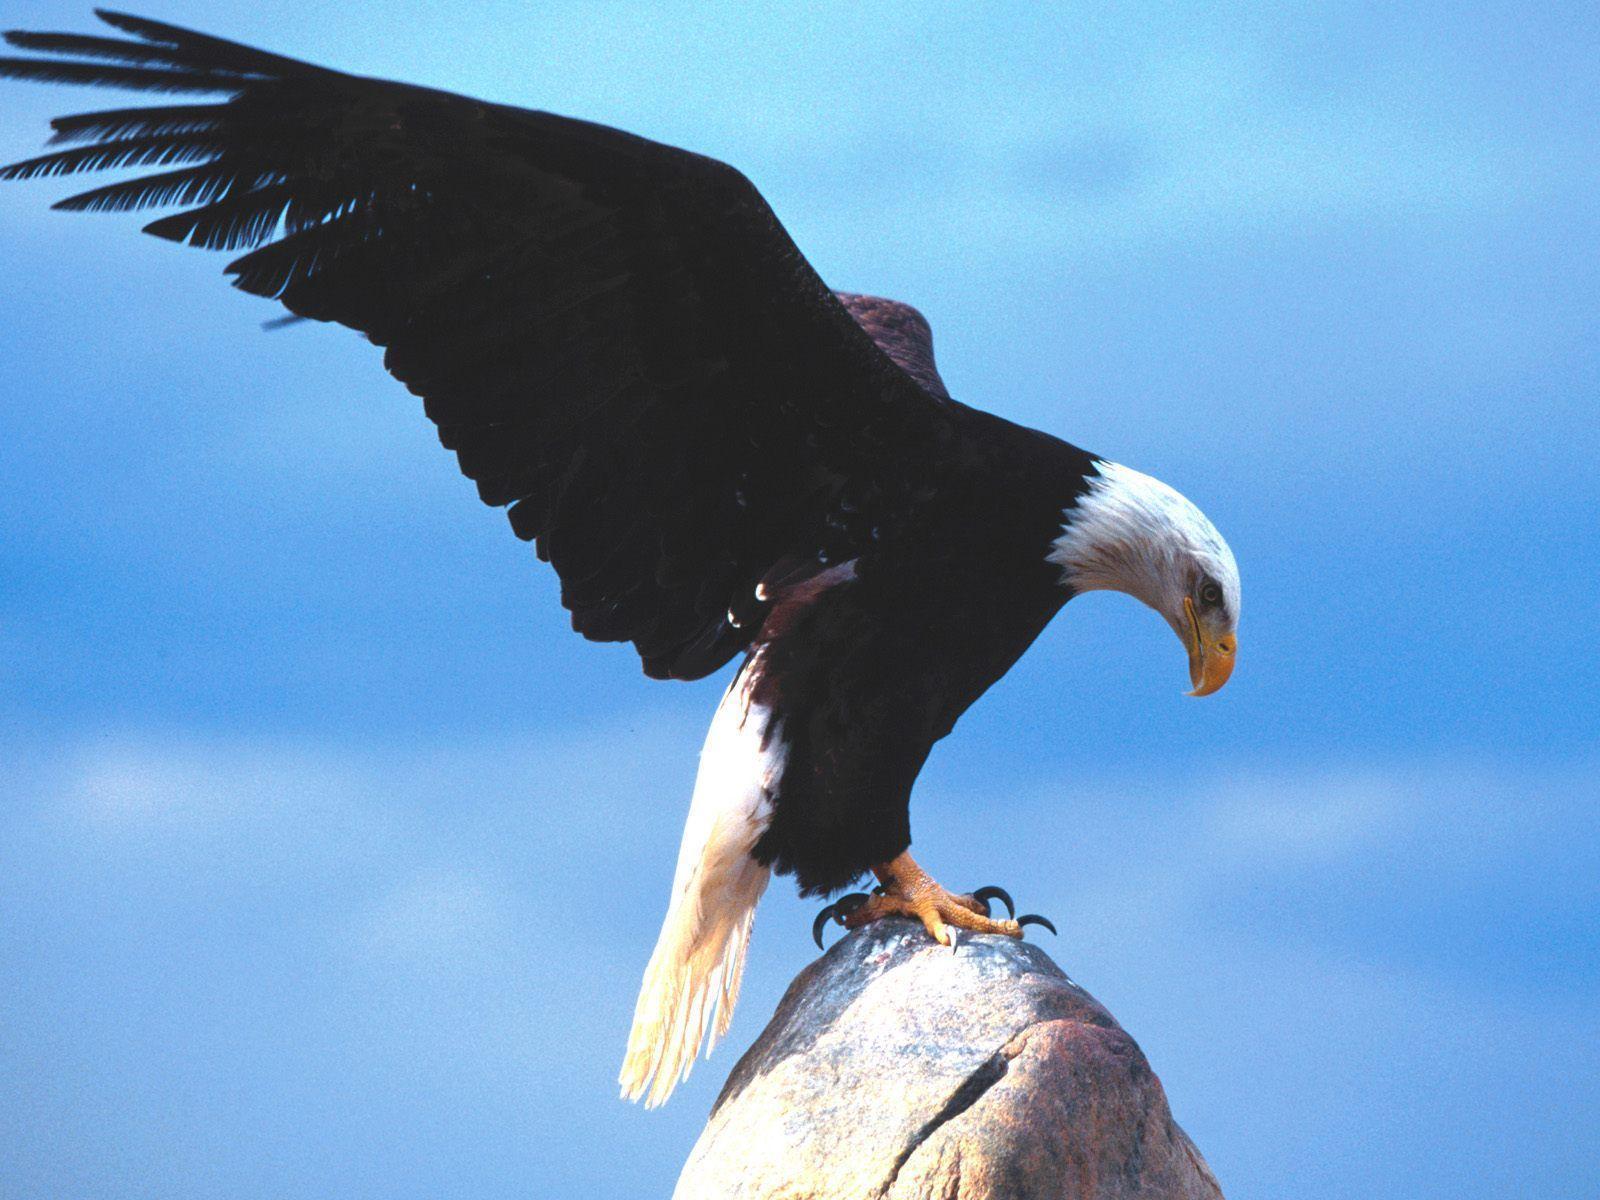 Forumaš iznad u liku životinje The-Eagle-the-animal-kingdom-14060200-1600-1200